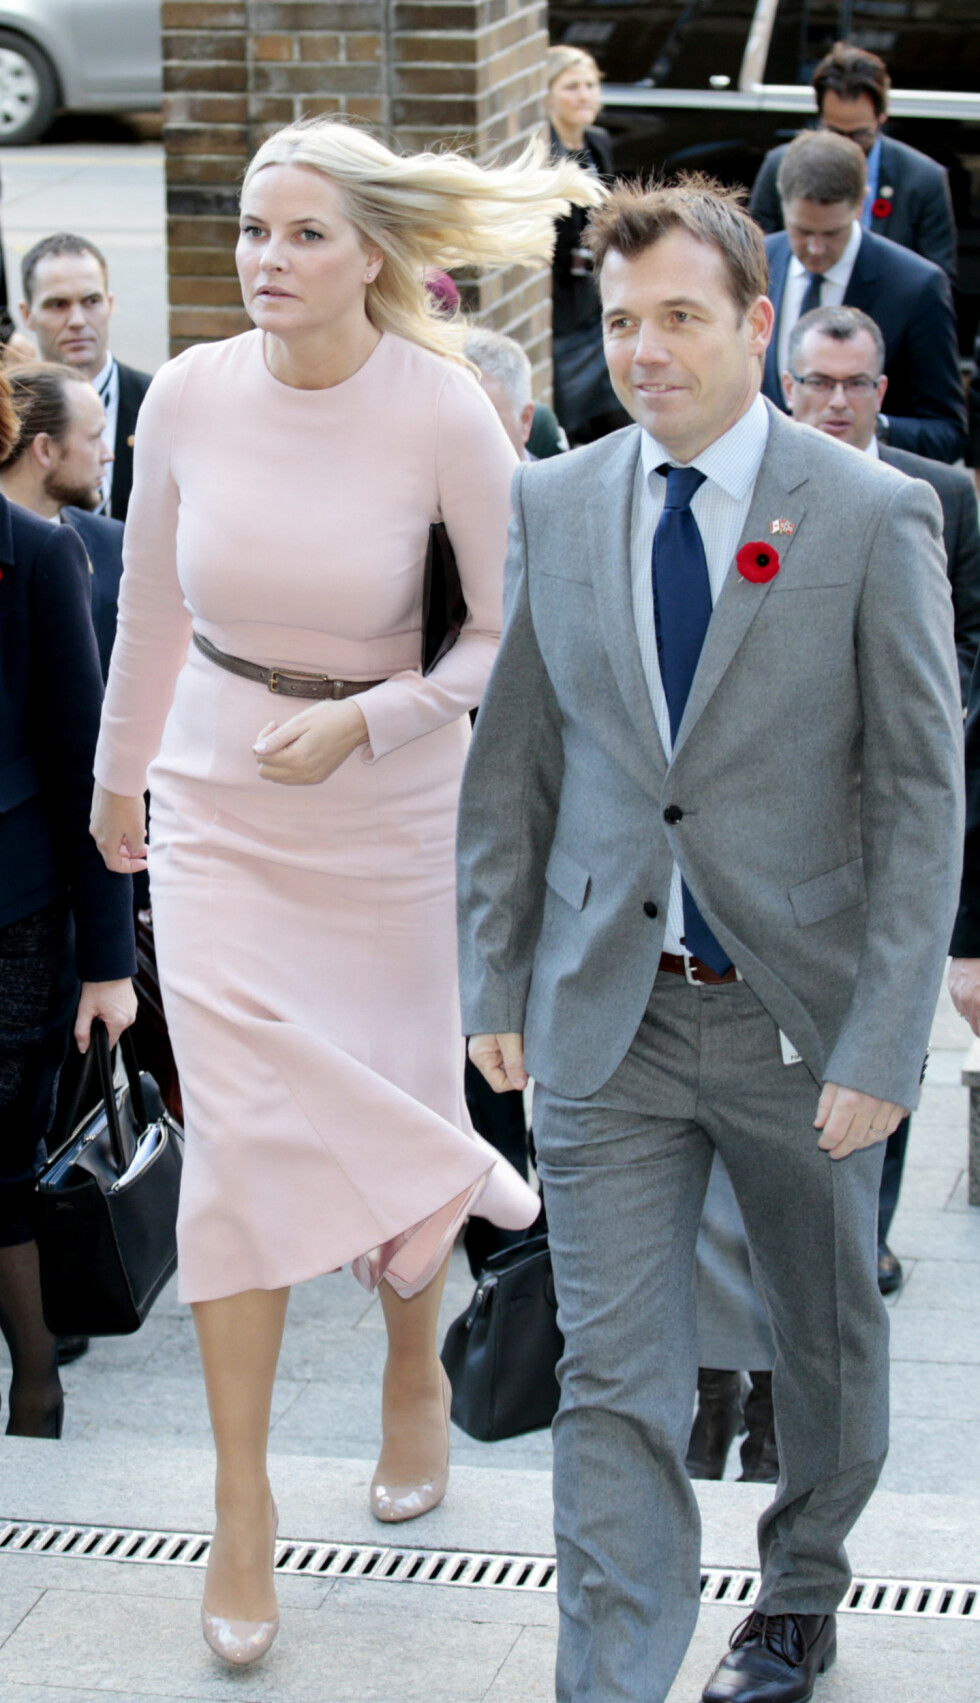 I VINDEN: Da kronprinsesse Mette-Marit og Pål T. Næss fra Innovasjon Norge ankom MaRs Centre i Toronto i Canada i november var kronprinsessen ikledd en kledelig pudderfarget kjole. Det enkle er ofte det beste! Foto: NTB Scanpix